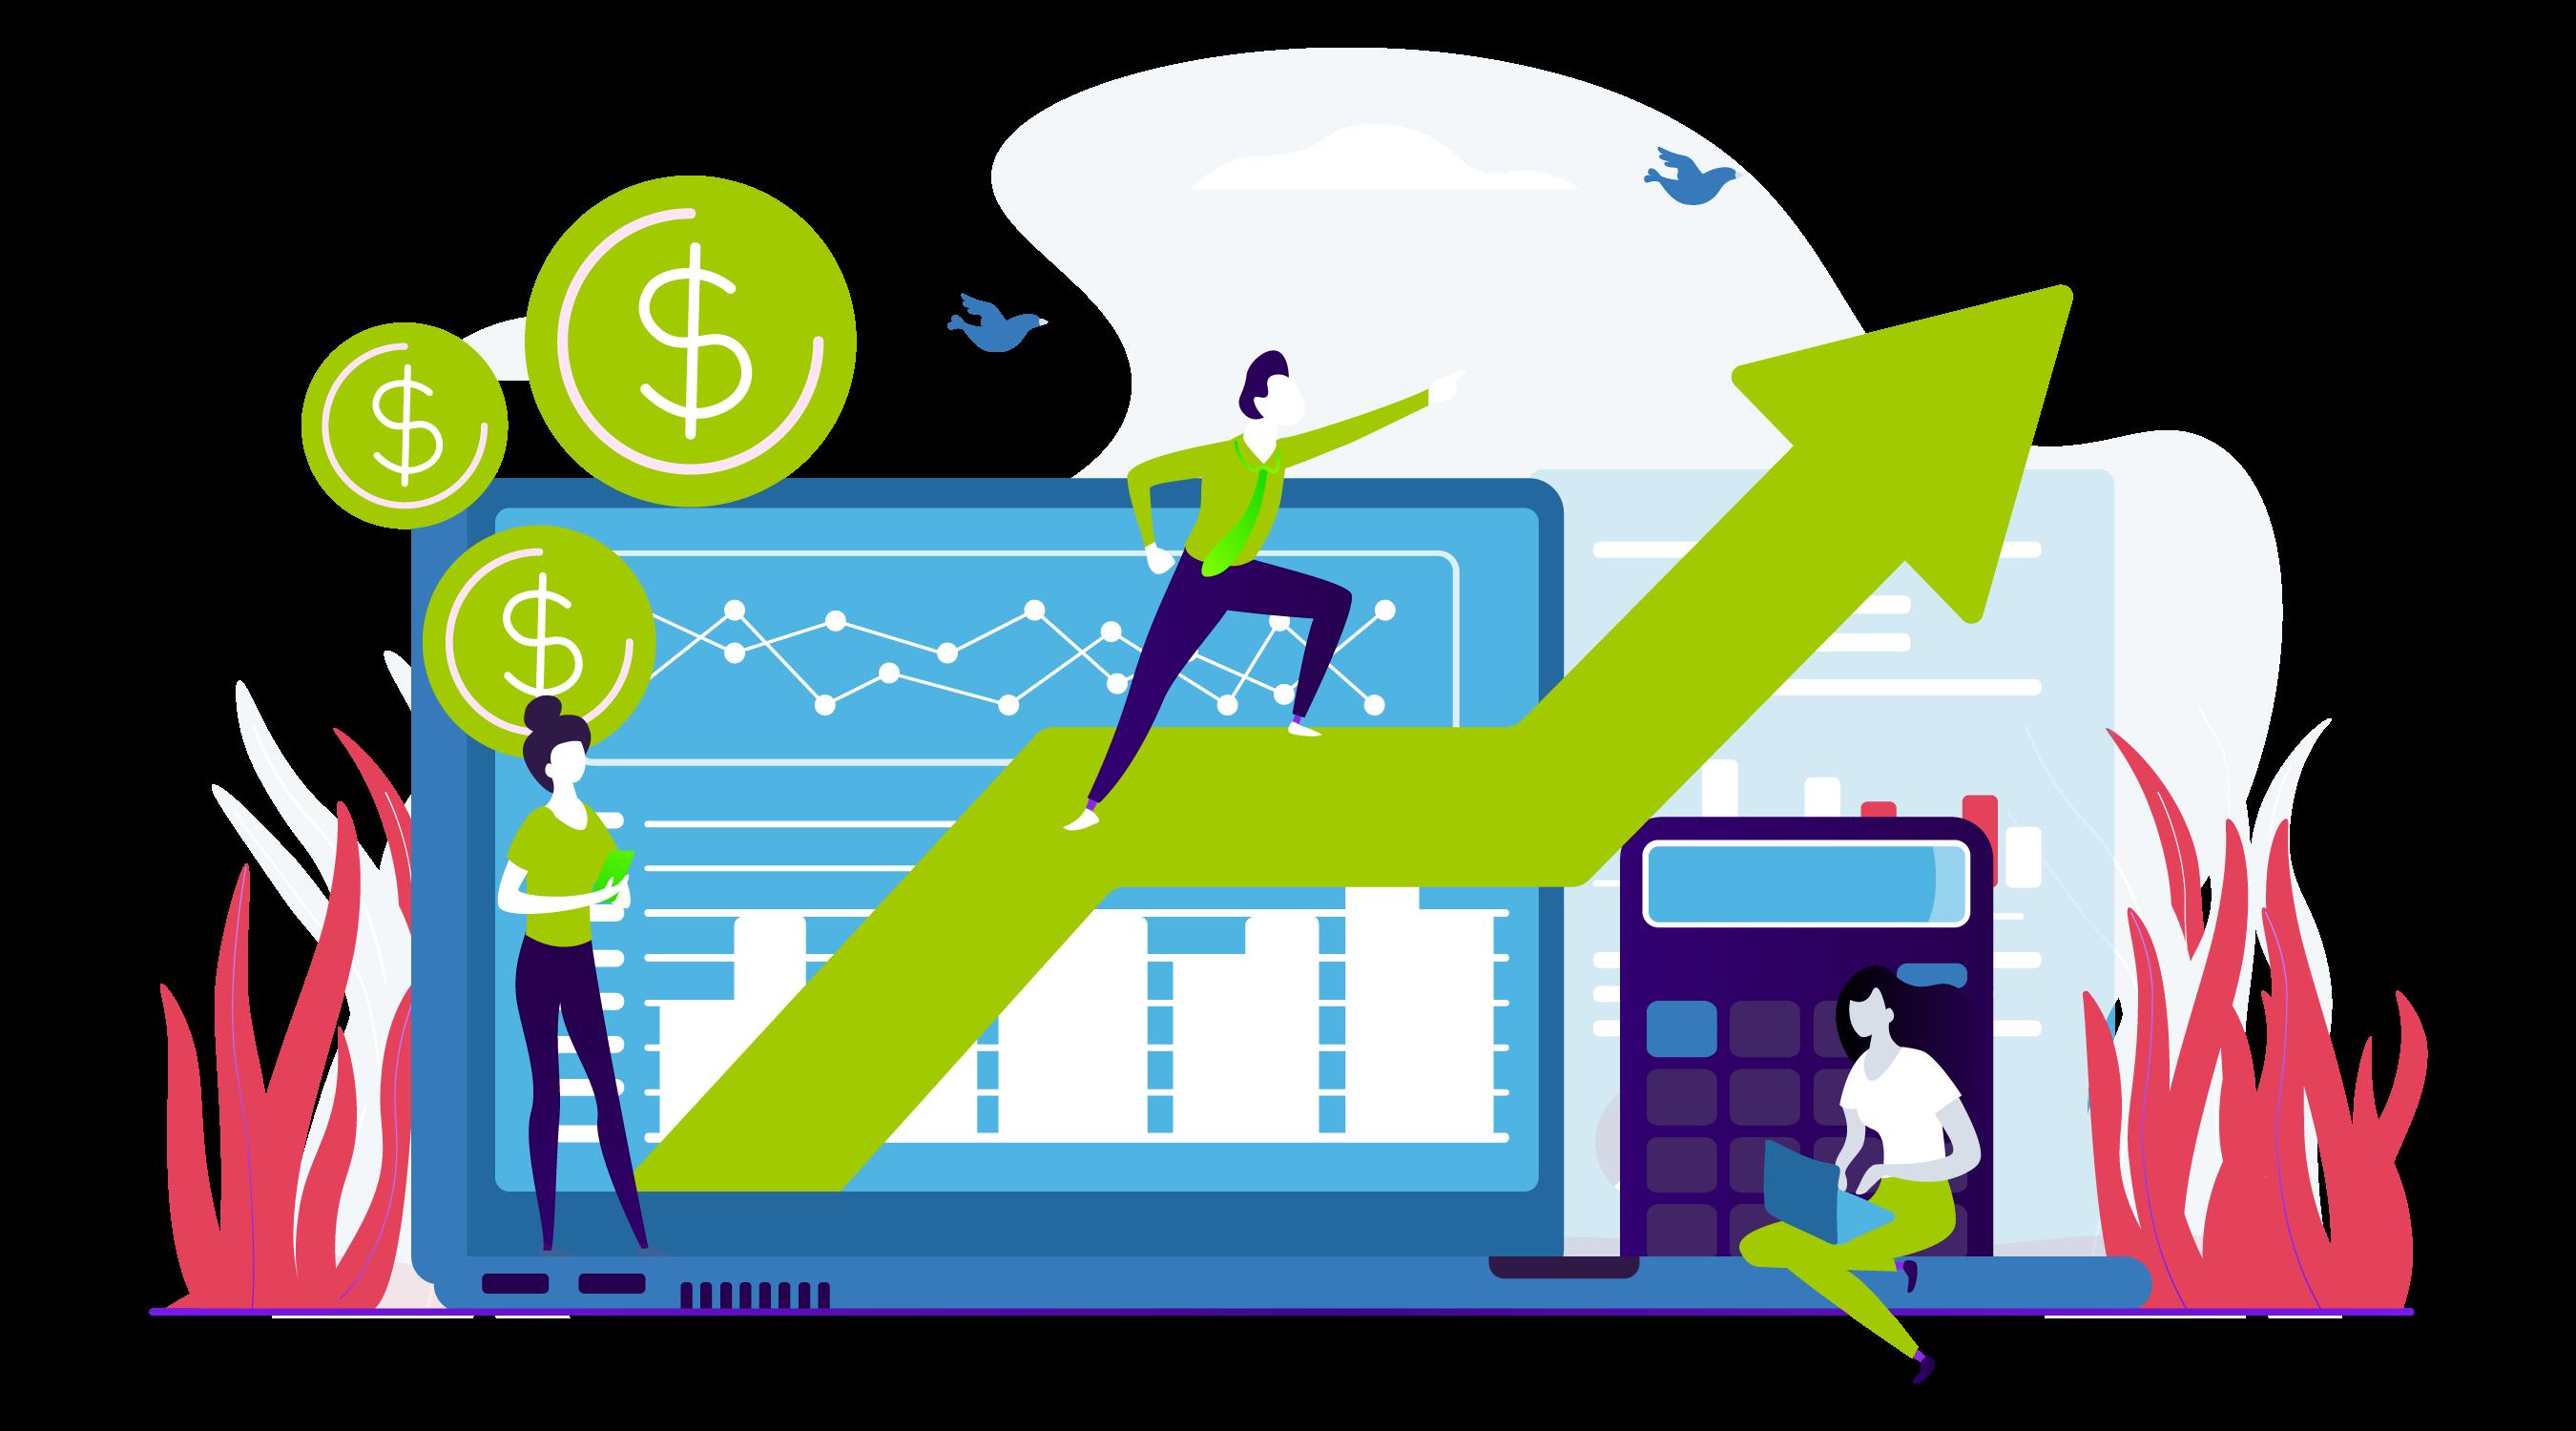 Platforma obsługująca dane transakcji finansowych